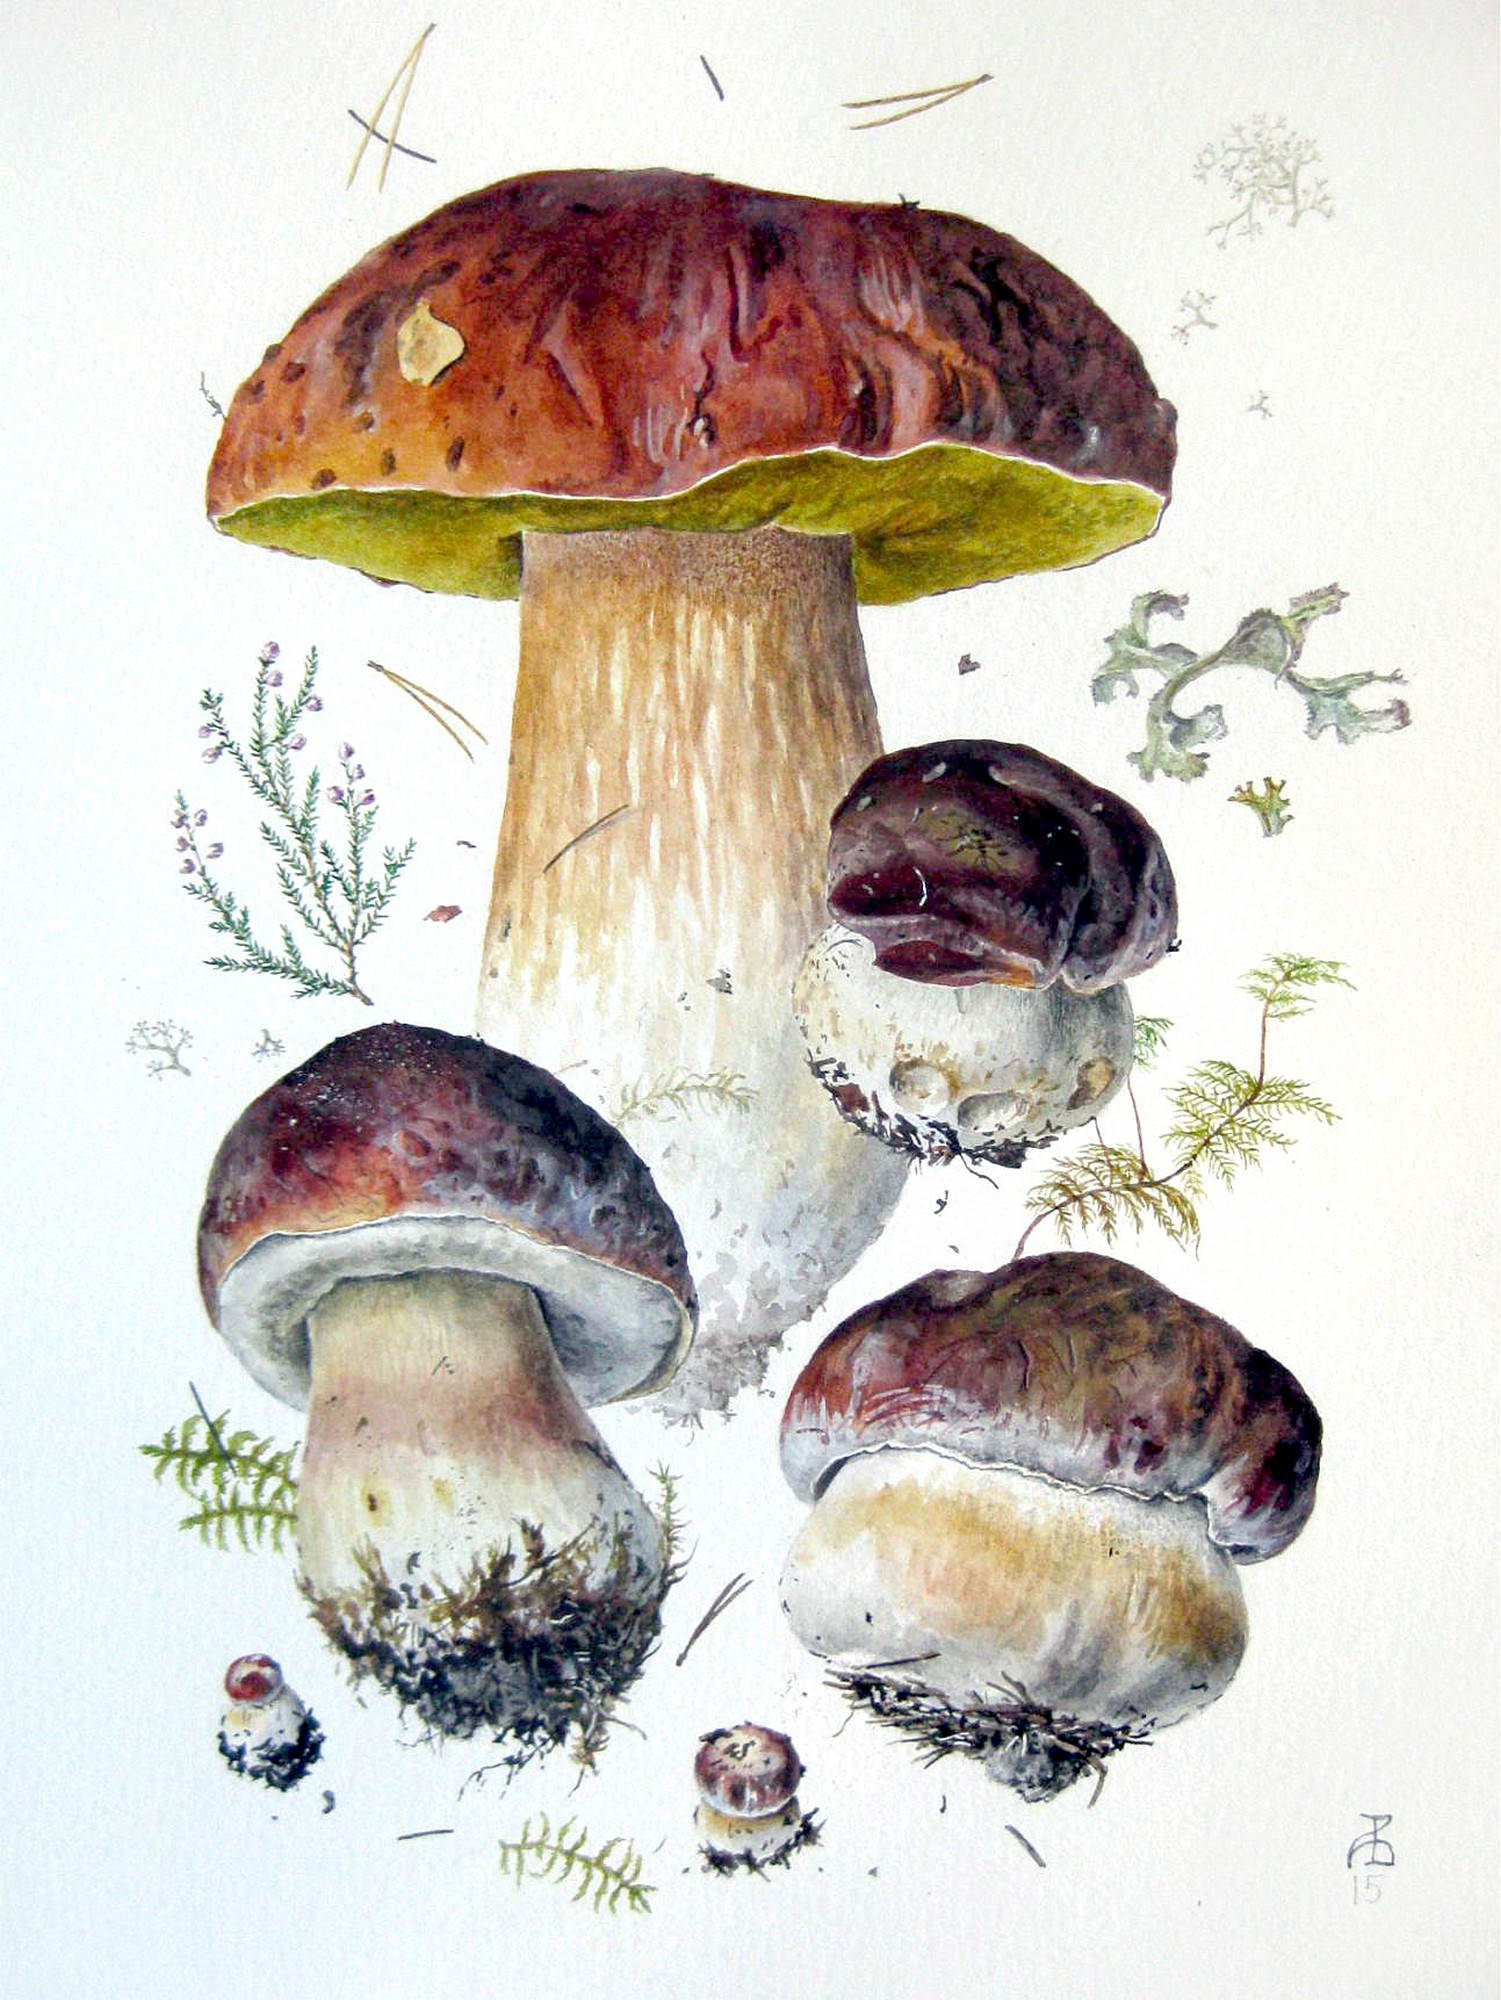 Белый гриб сосновый, или боровик (Boletus pinophilus)